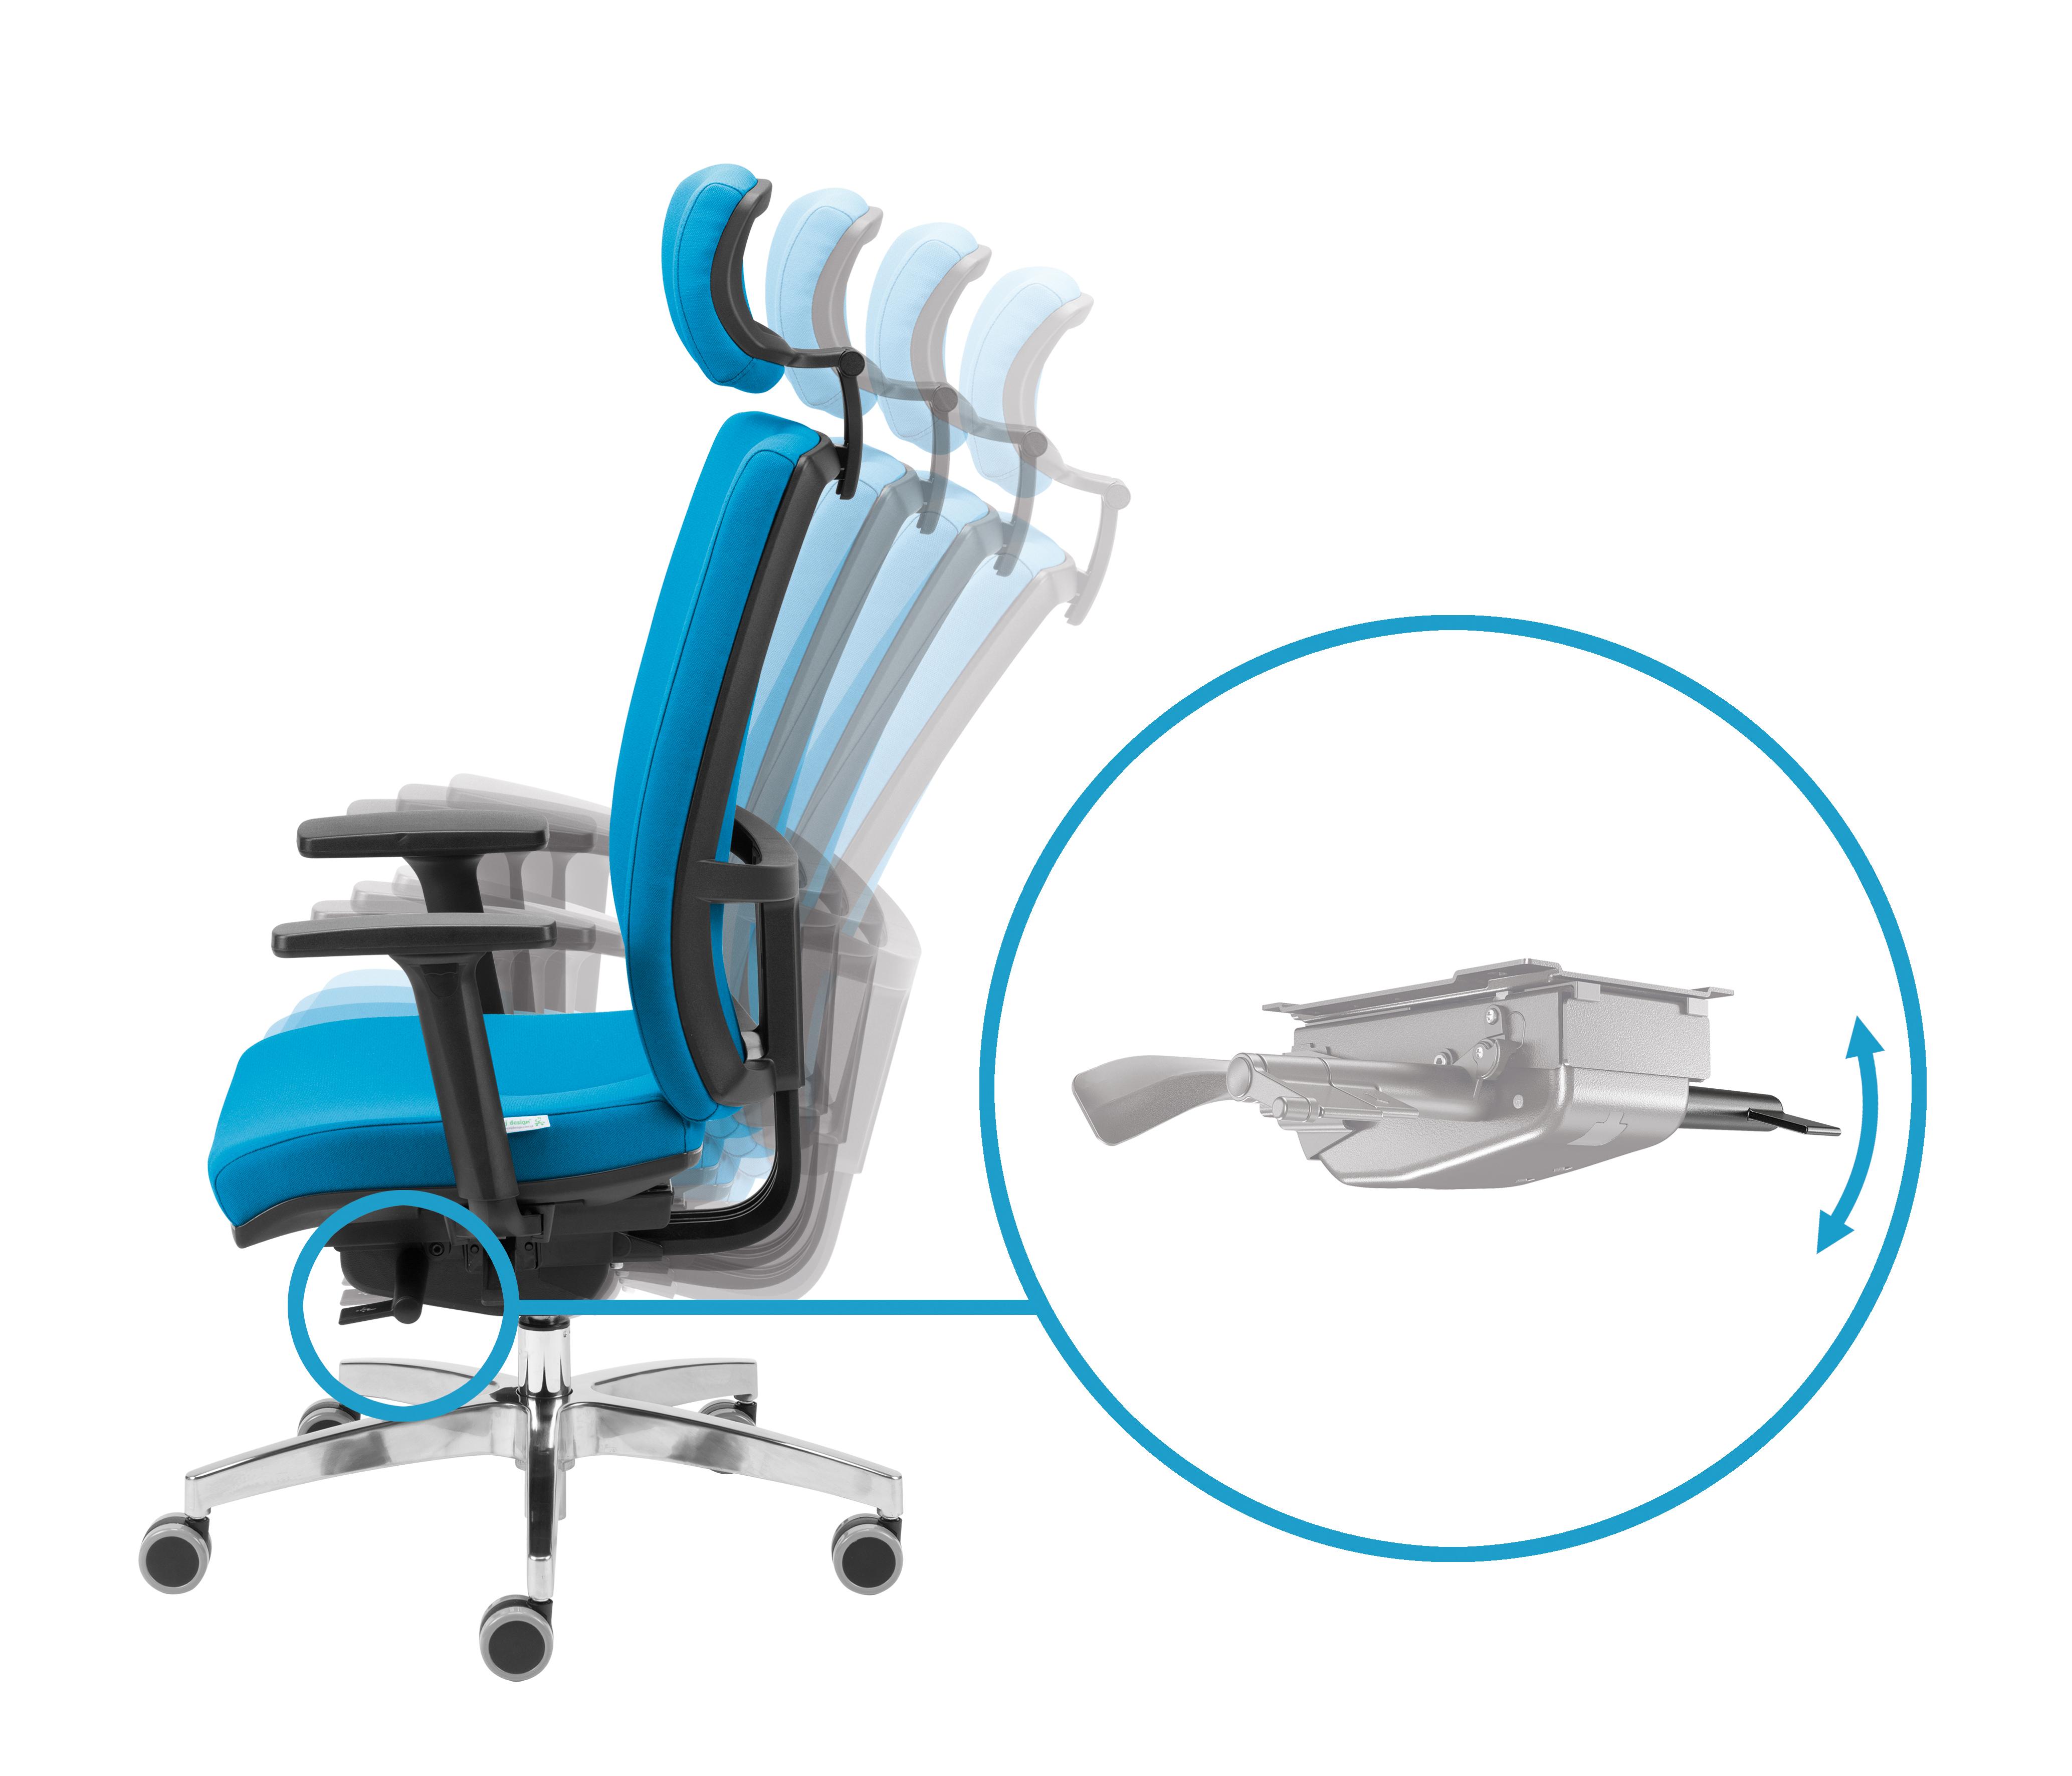 Zsynchronizowana regulacja kąta pochylenia oparcia i siedziska za pomocą lewej dźwigni